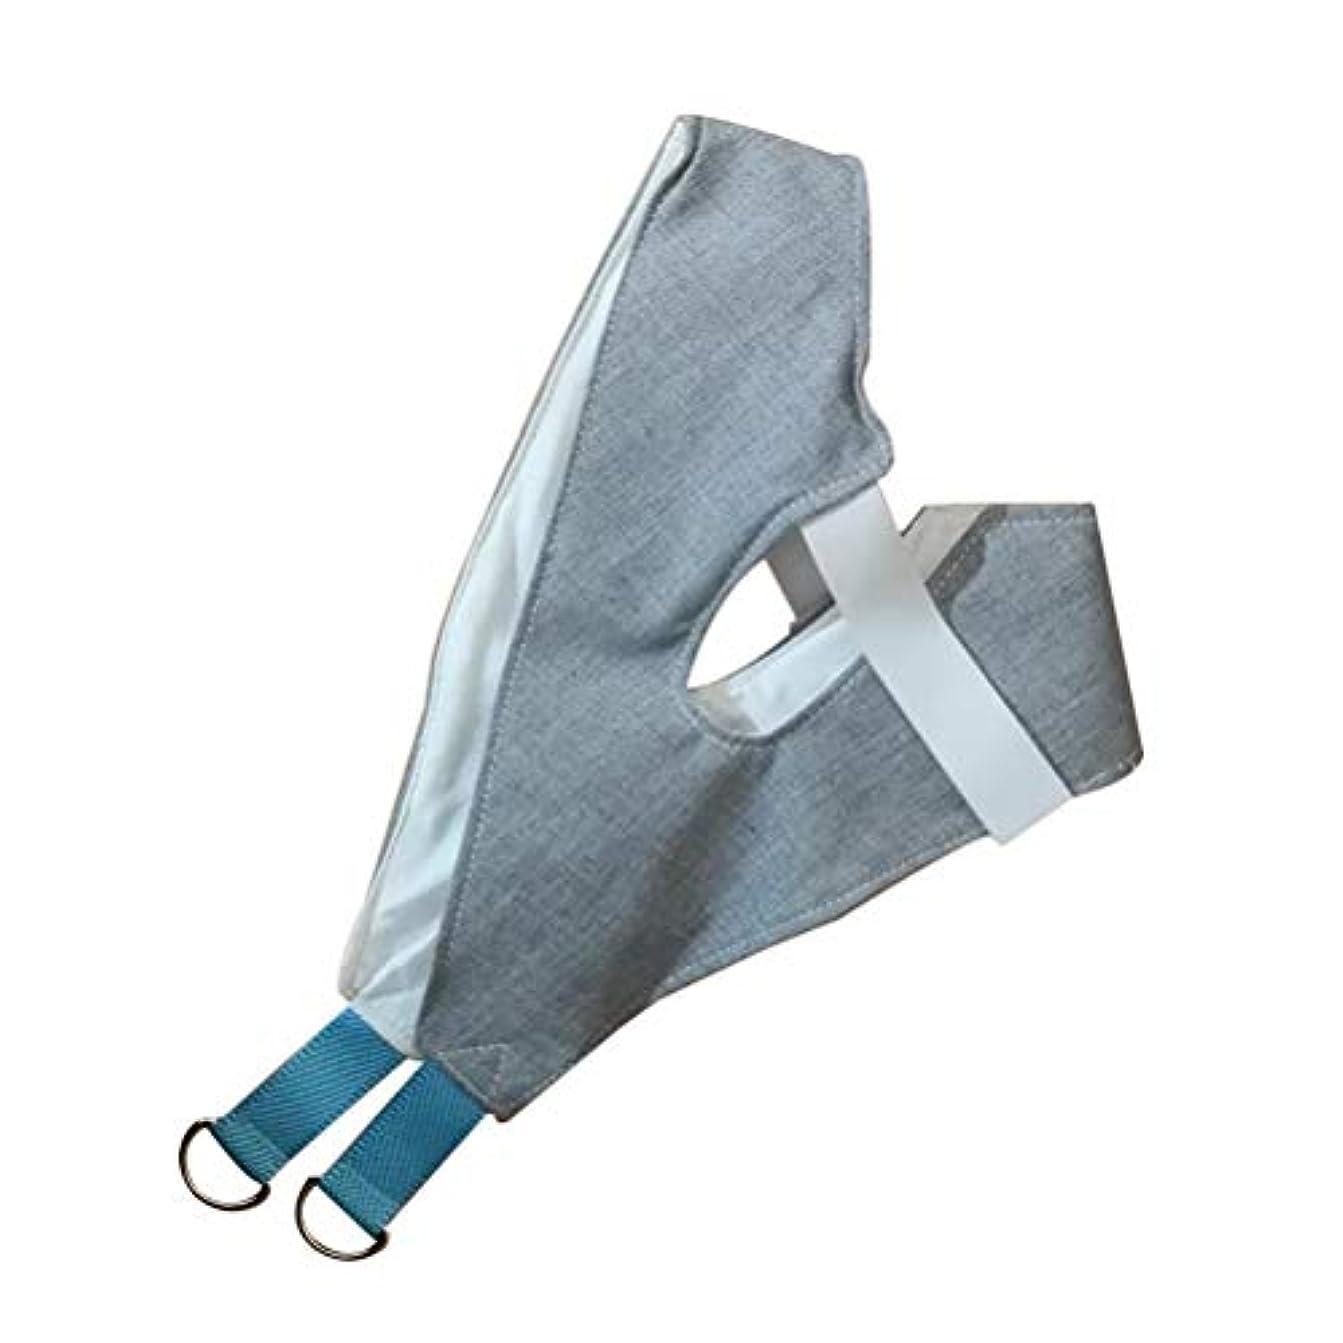 ホイップレベルインタビューHEALLILY ホームネック牽引装置(ドアの向こう側)頸部牽引装置ユニット肩括弧頭痛緩和および回復用具(ラムダムカラー)